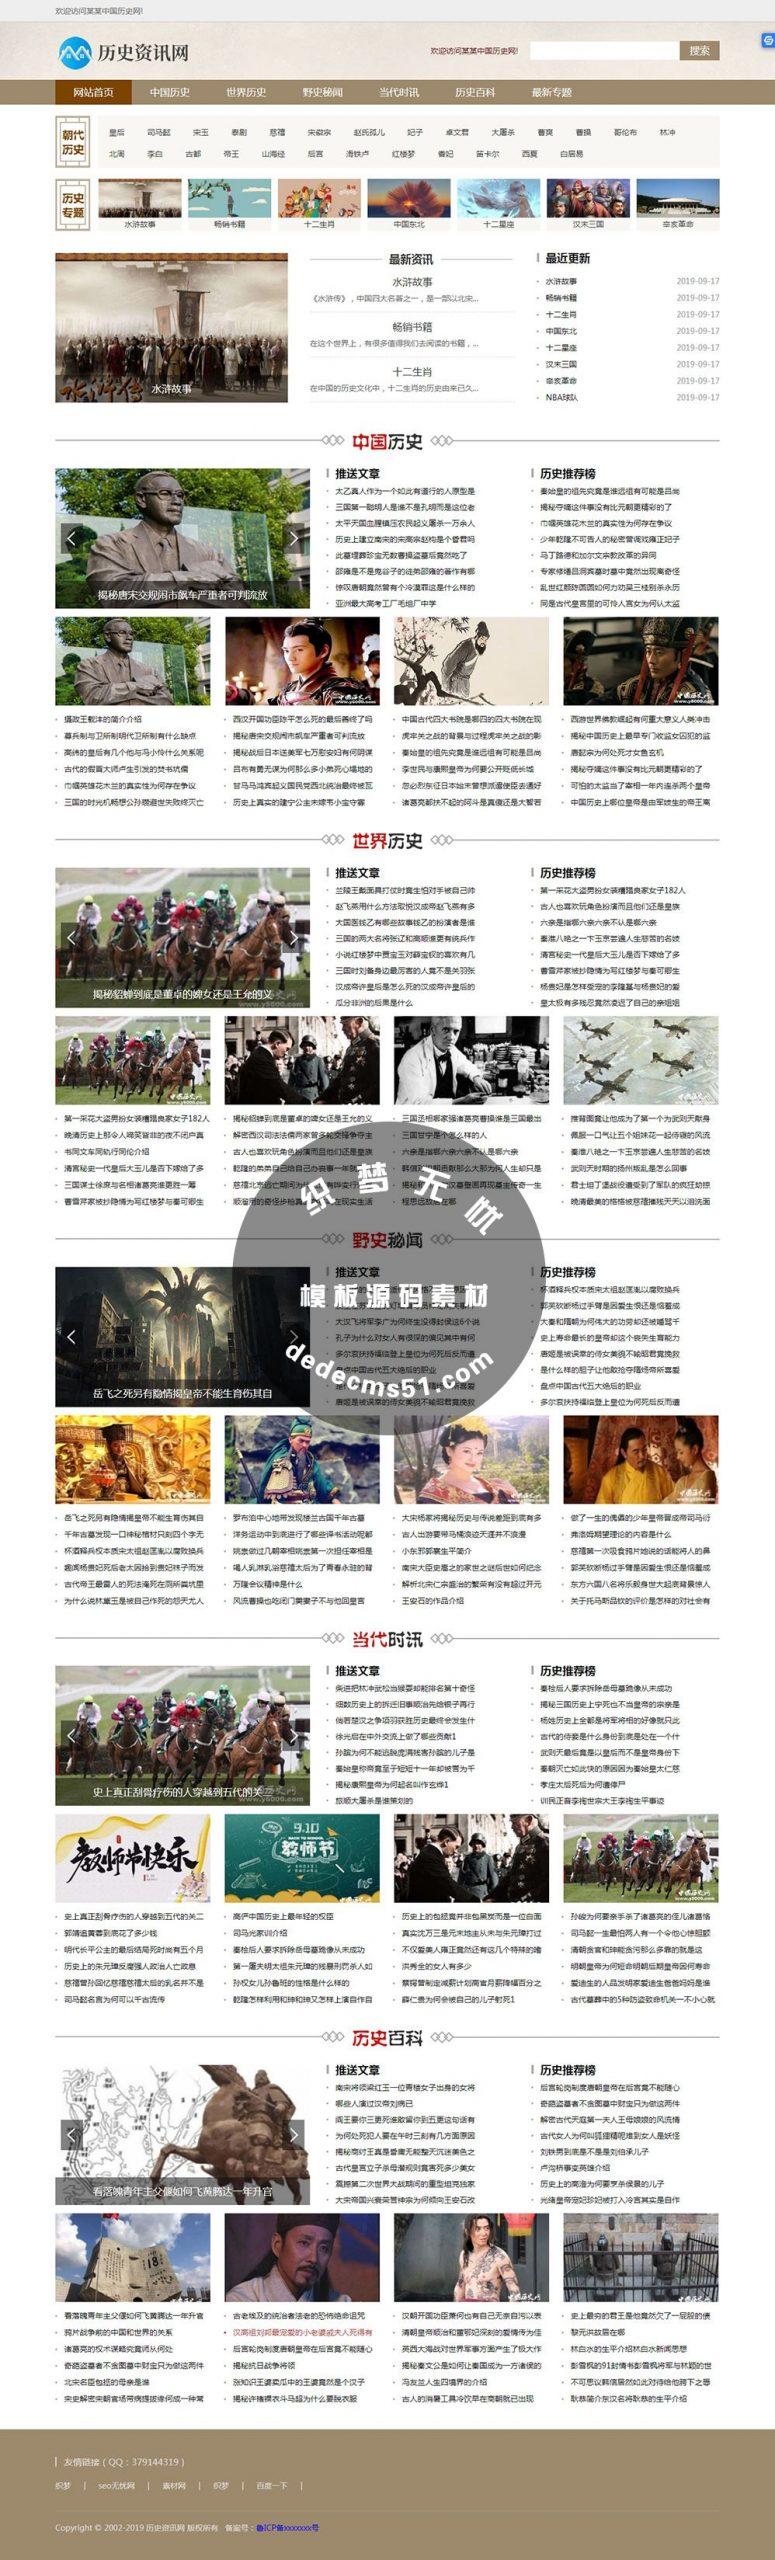 历史新闻资讯网博客新闻军事历史类网站源码带手机端